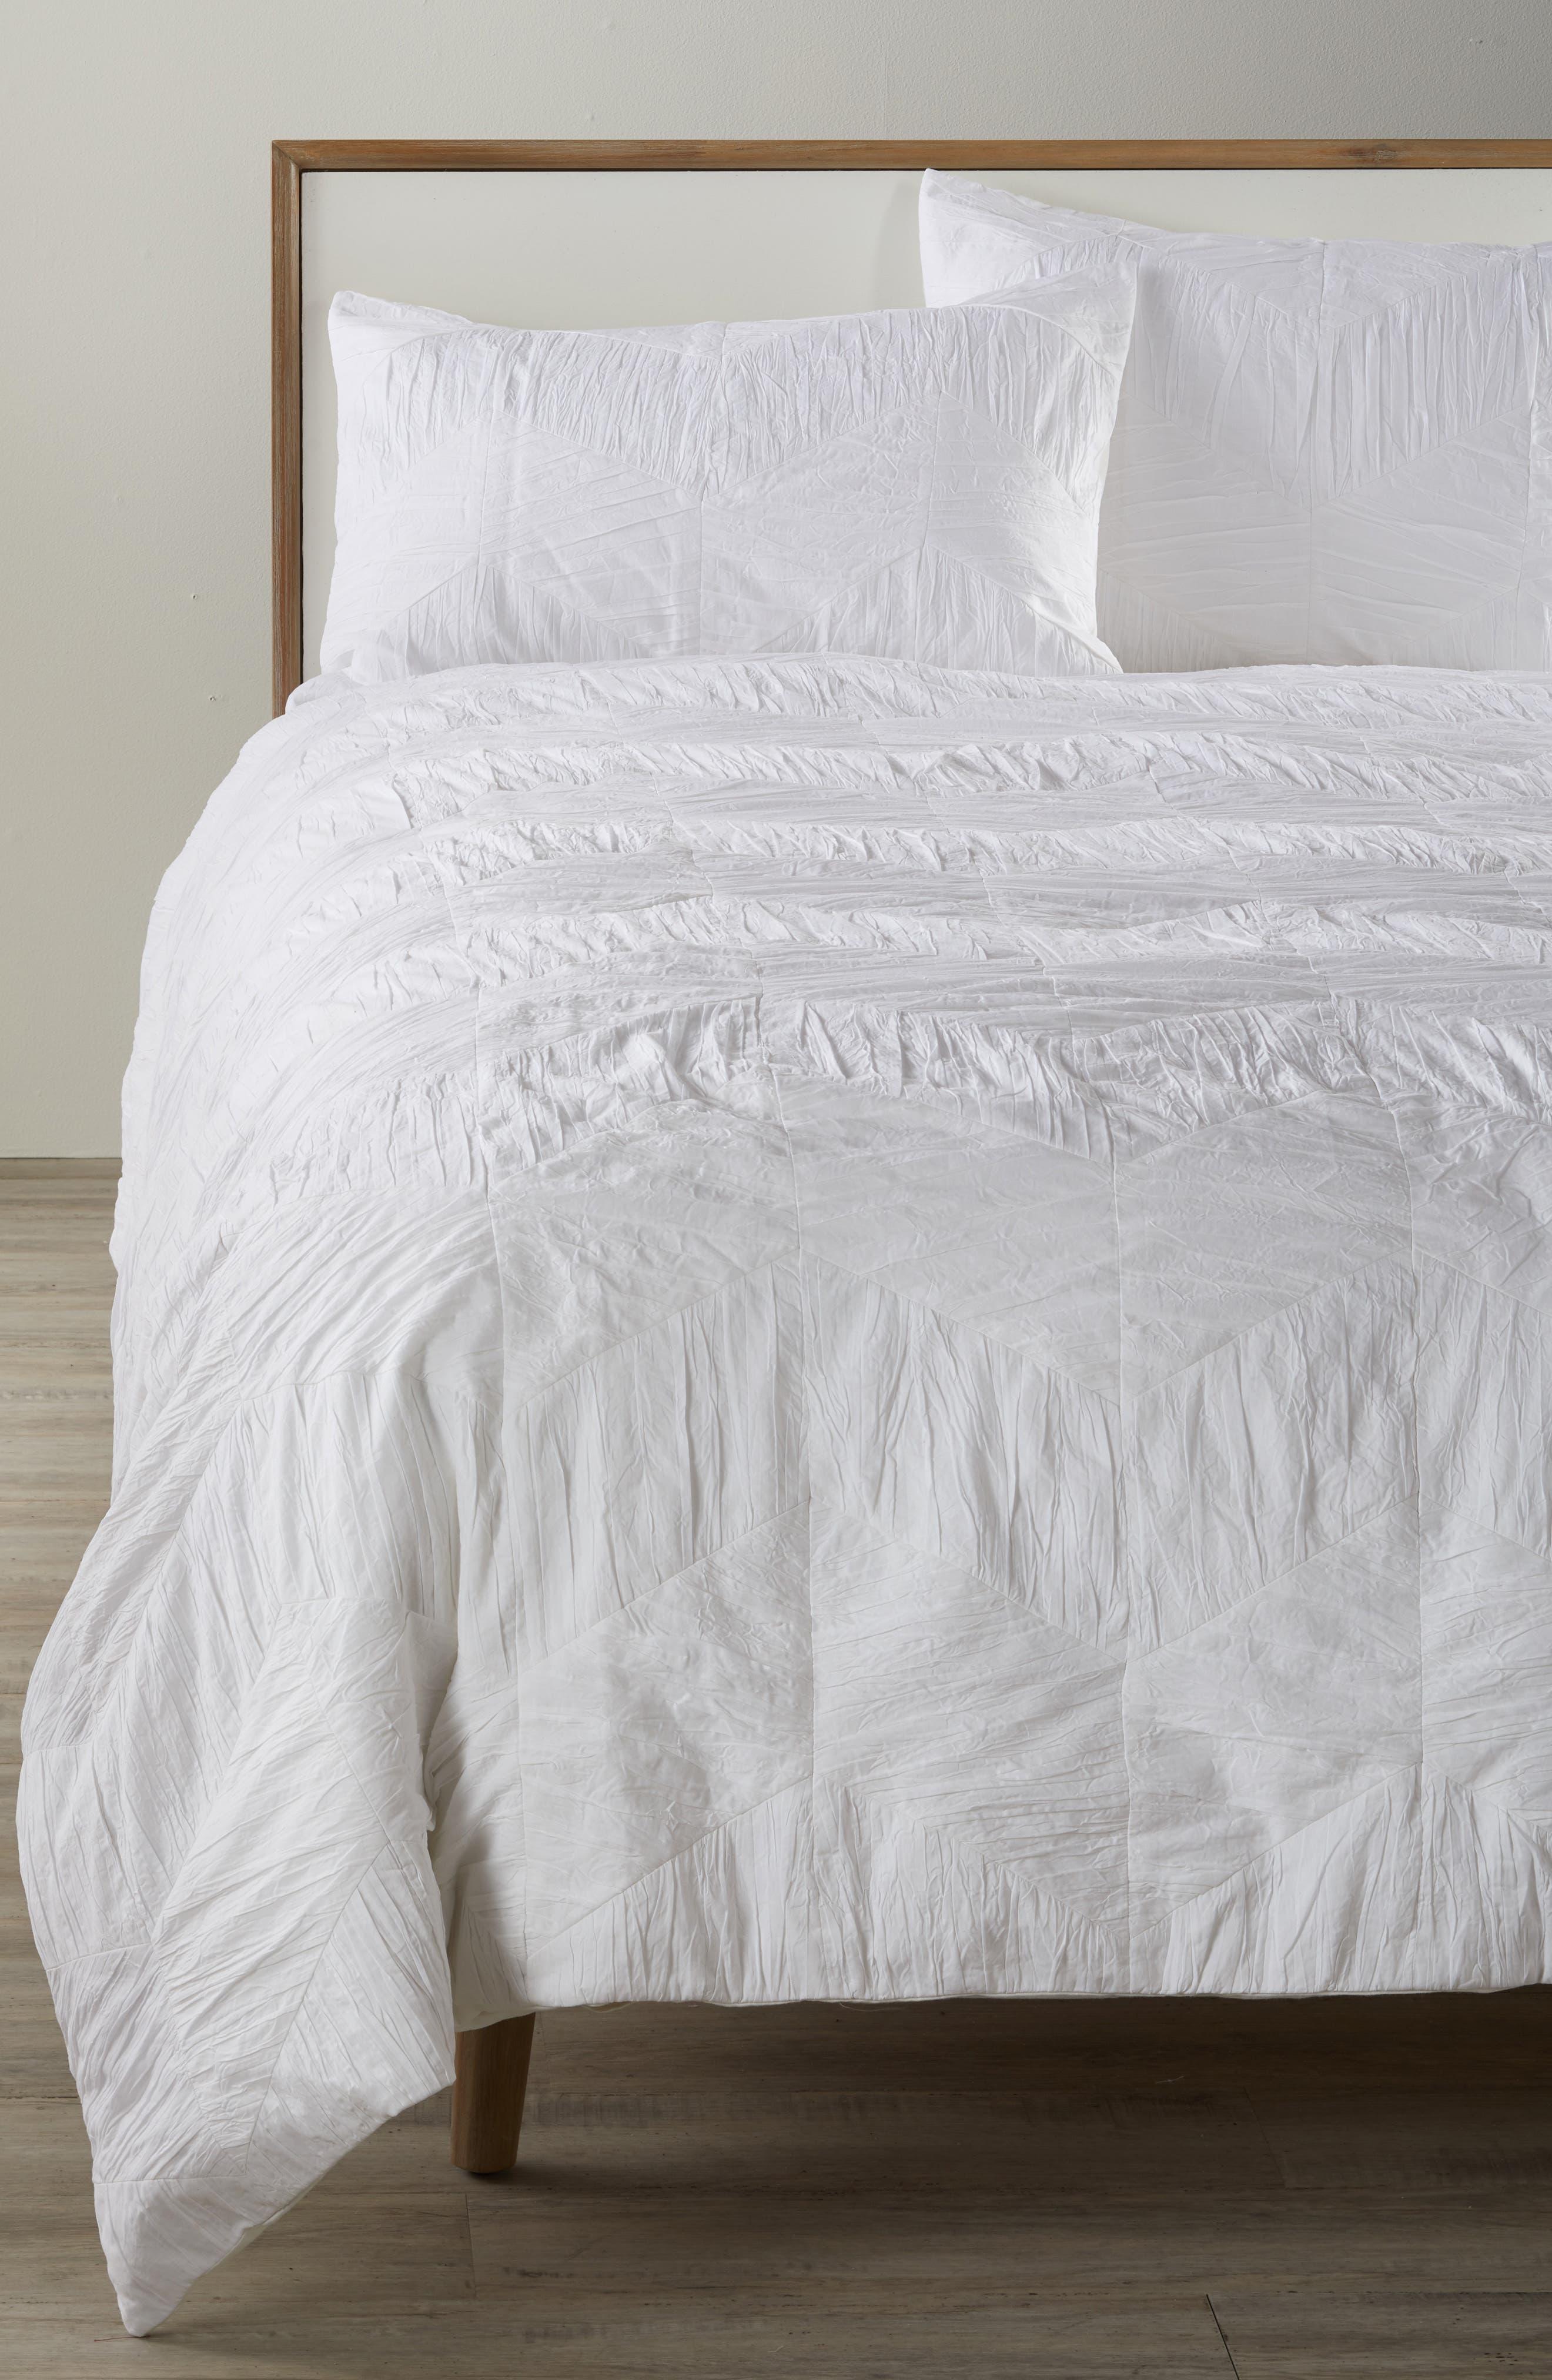 Nordstrom At Home Selene Duvet Cover Good Looking